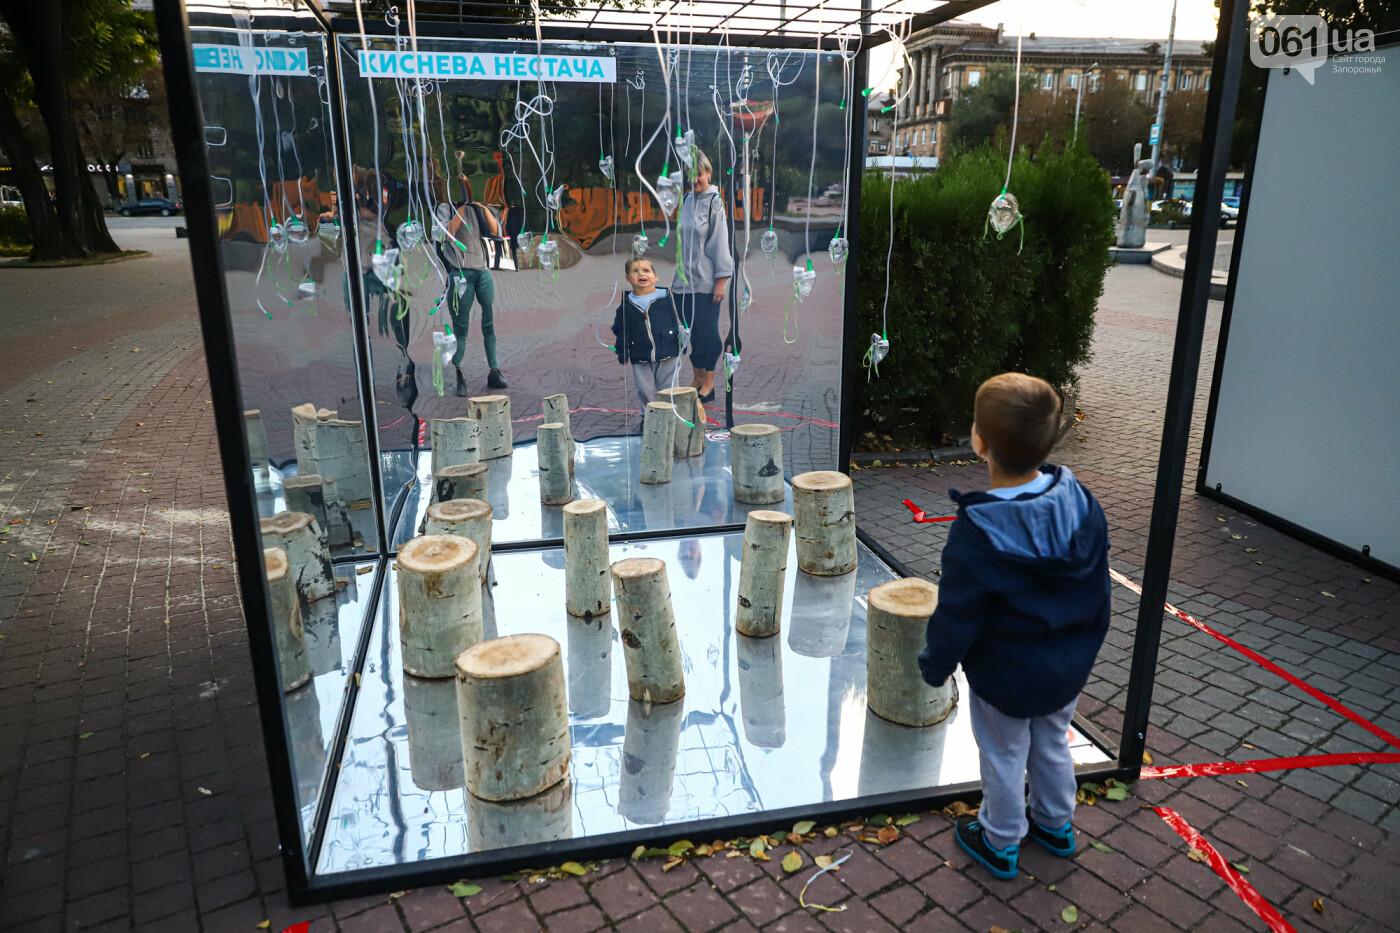 Огромная стиральная машина и комната из фольги: в центре Запорожья открылась эко-выставка, - ФОТОРЕПОРТАЖ , фото-20